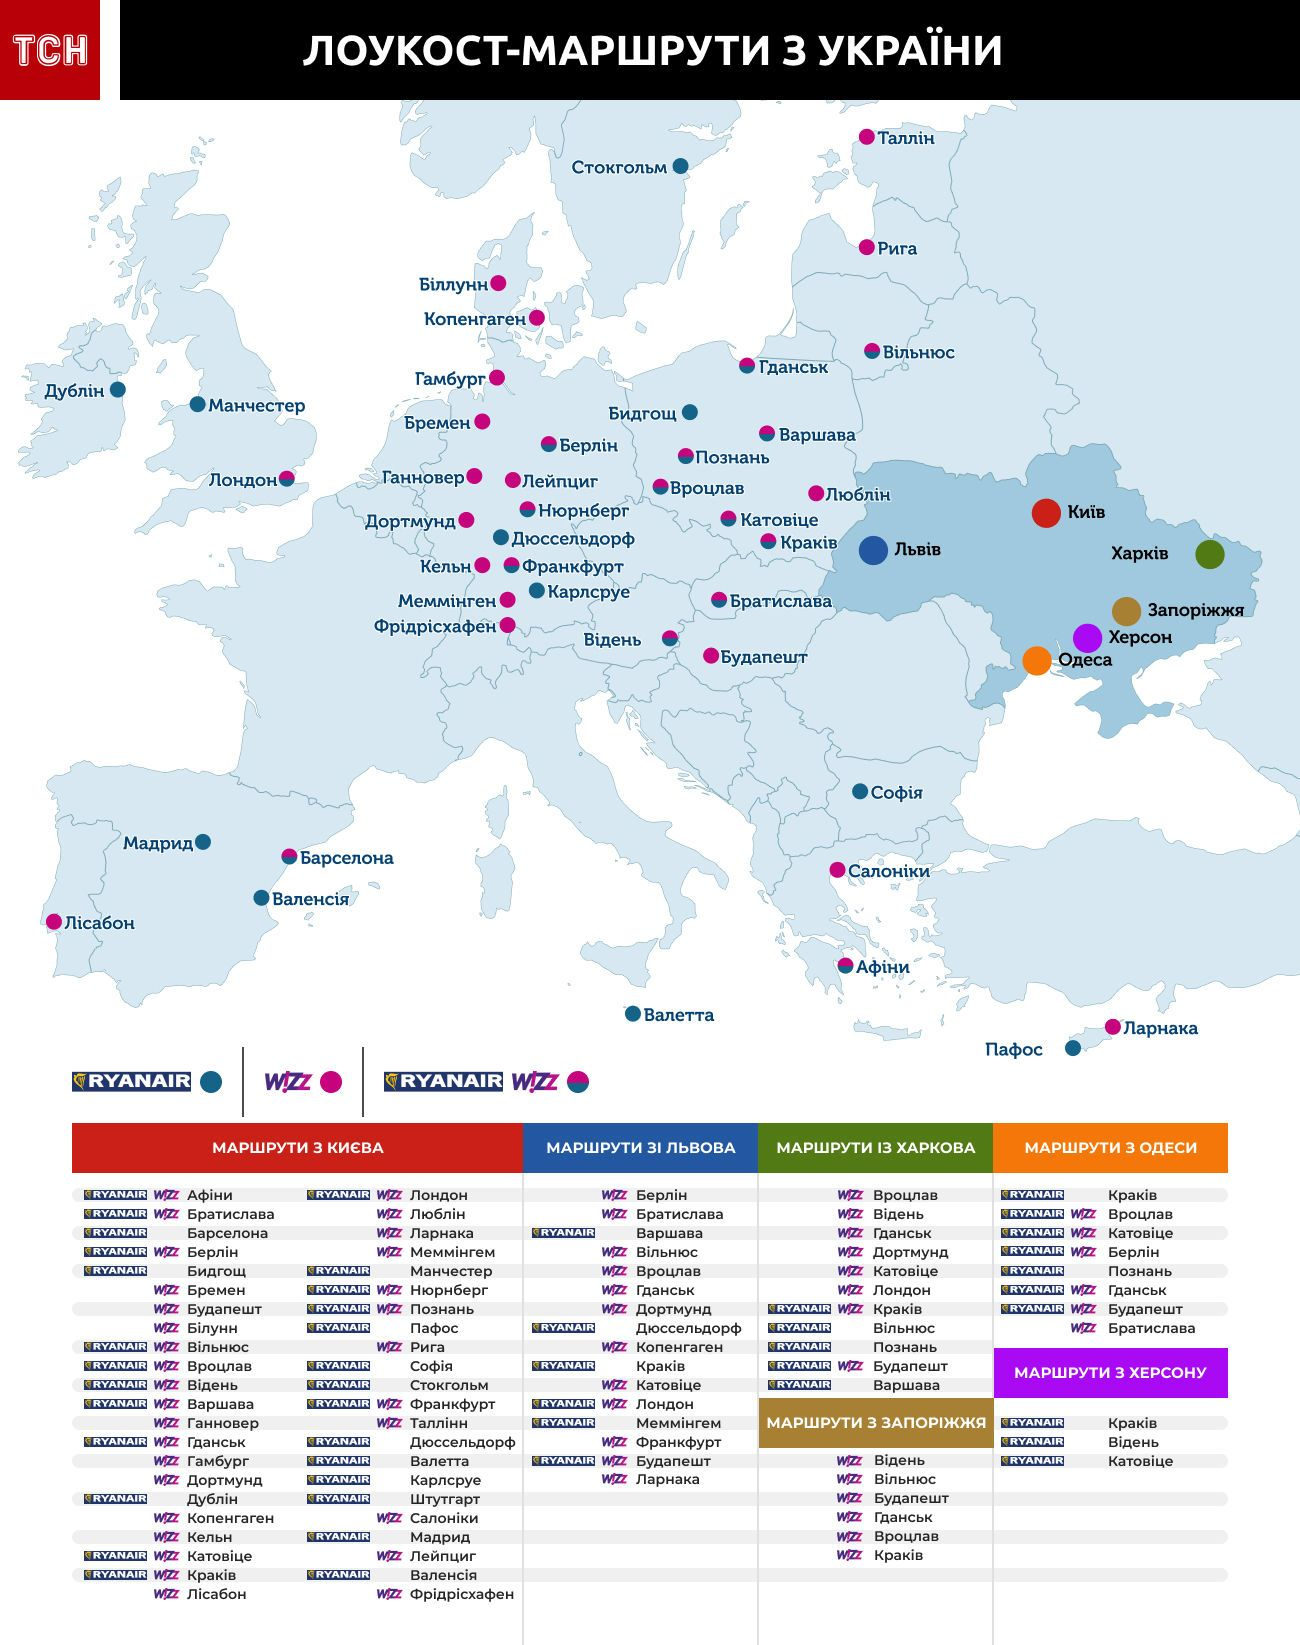 Лоукост-маршрути з України. Інфографіка (оновлена)